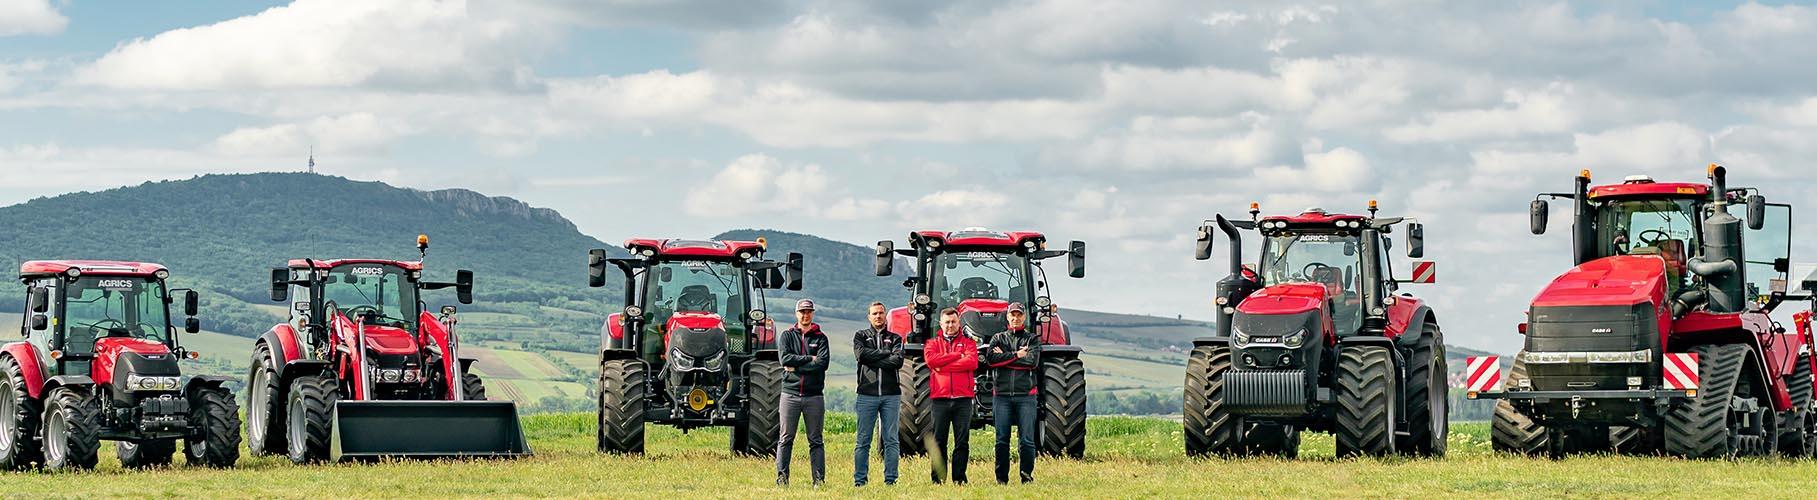 Case IH týdny 2020 – speciální prodejní akce zemědělské techniky.